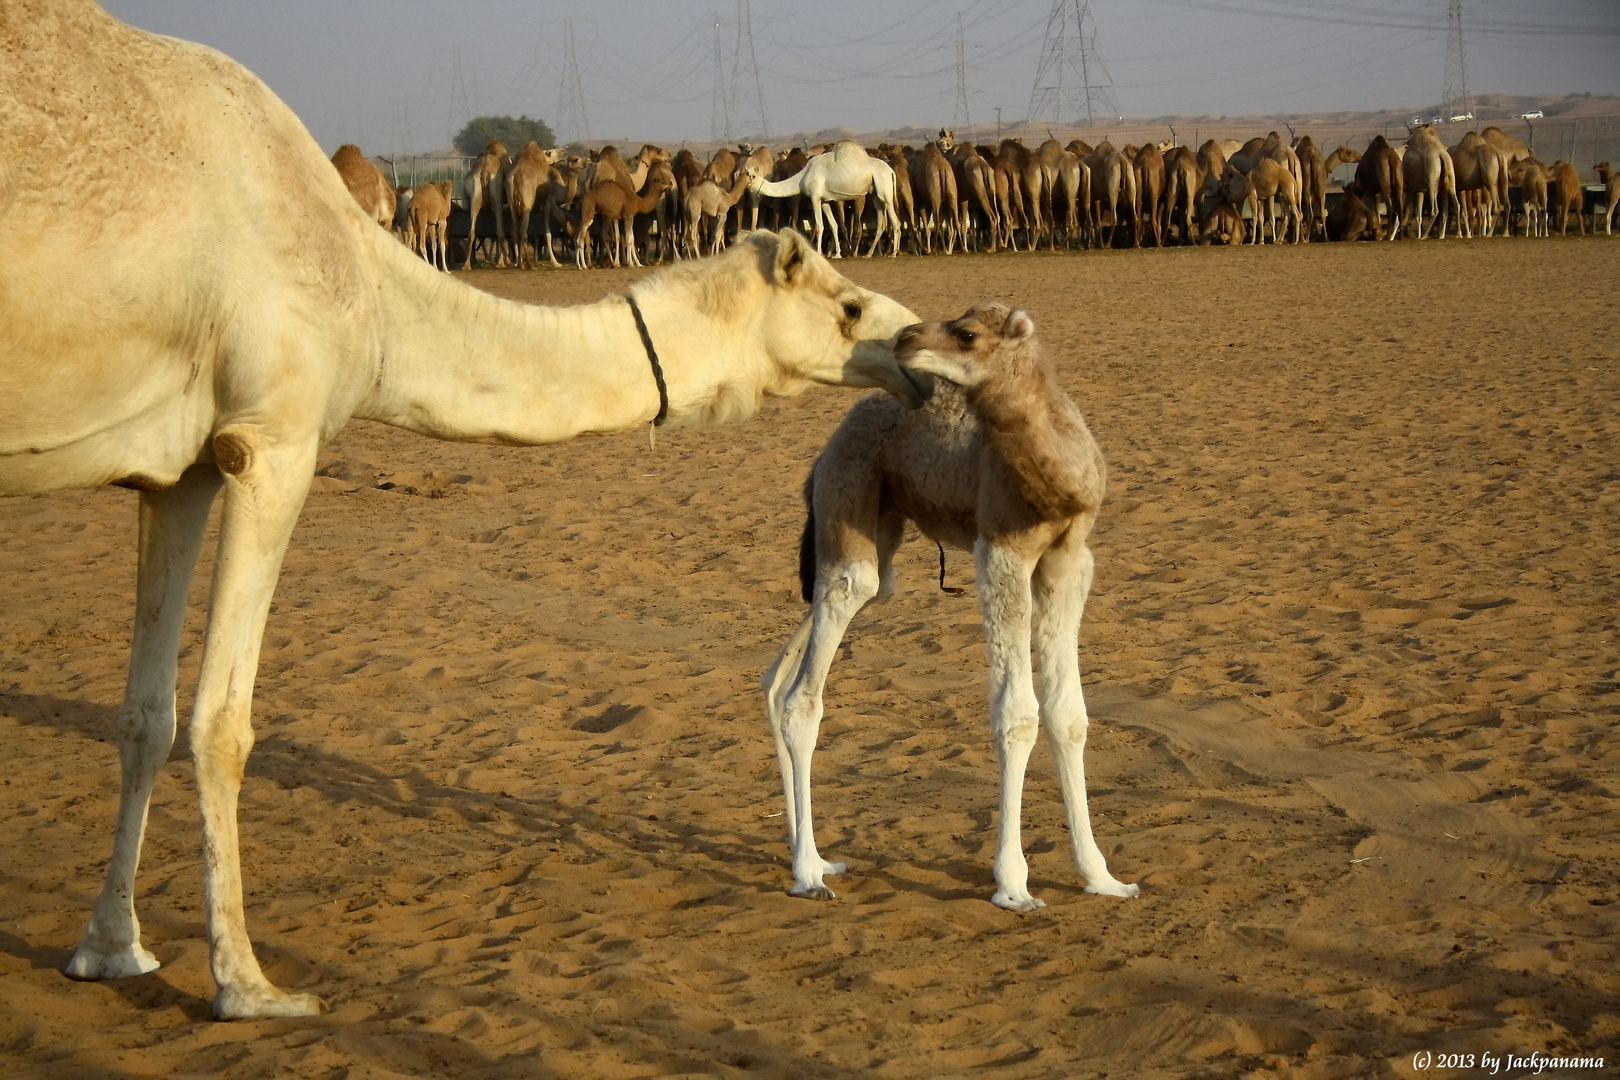 Zu Besuch auf einer Kamelfarm in Dubais Wüste während einer Wüstensafari